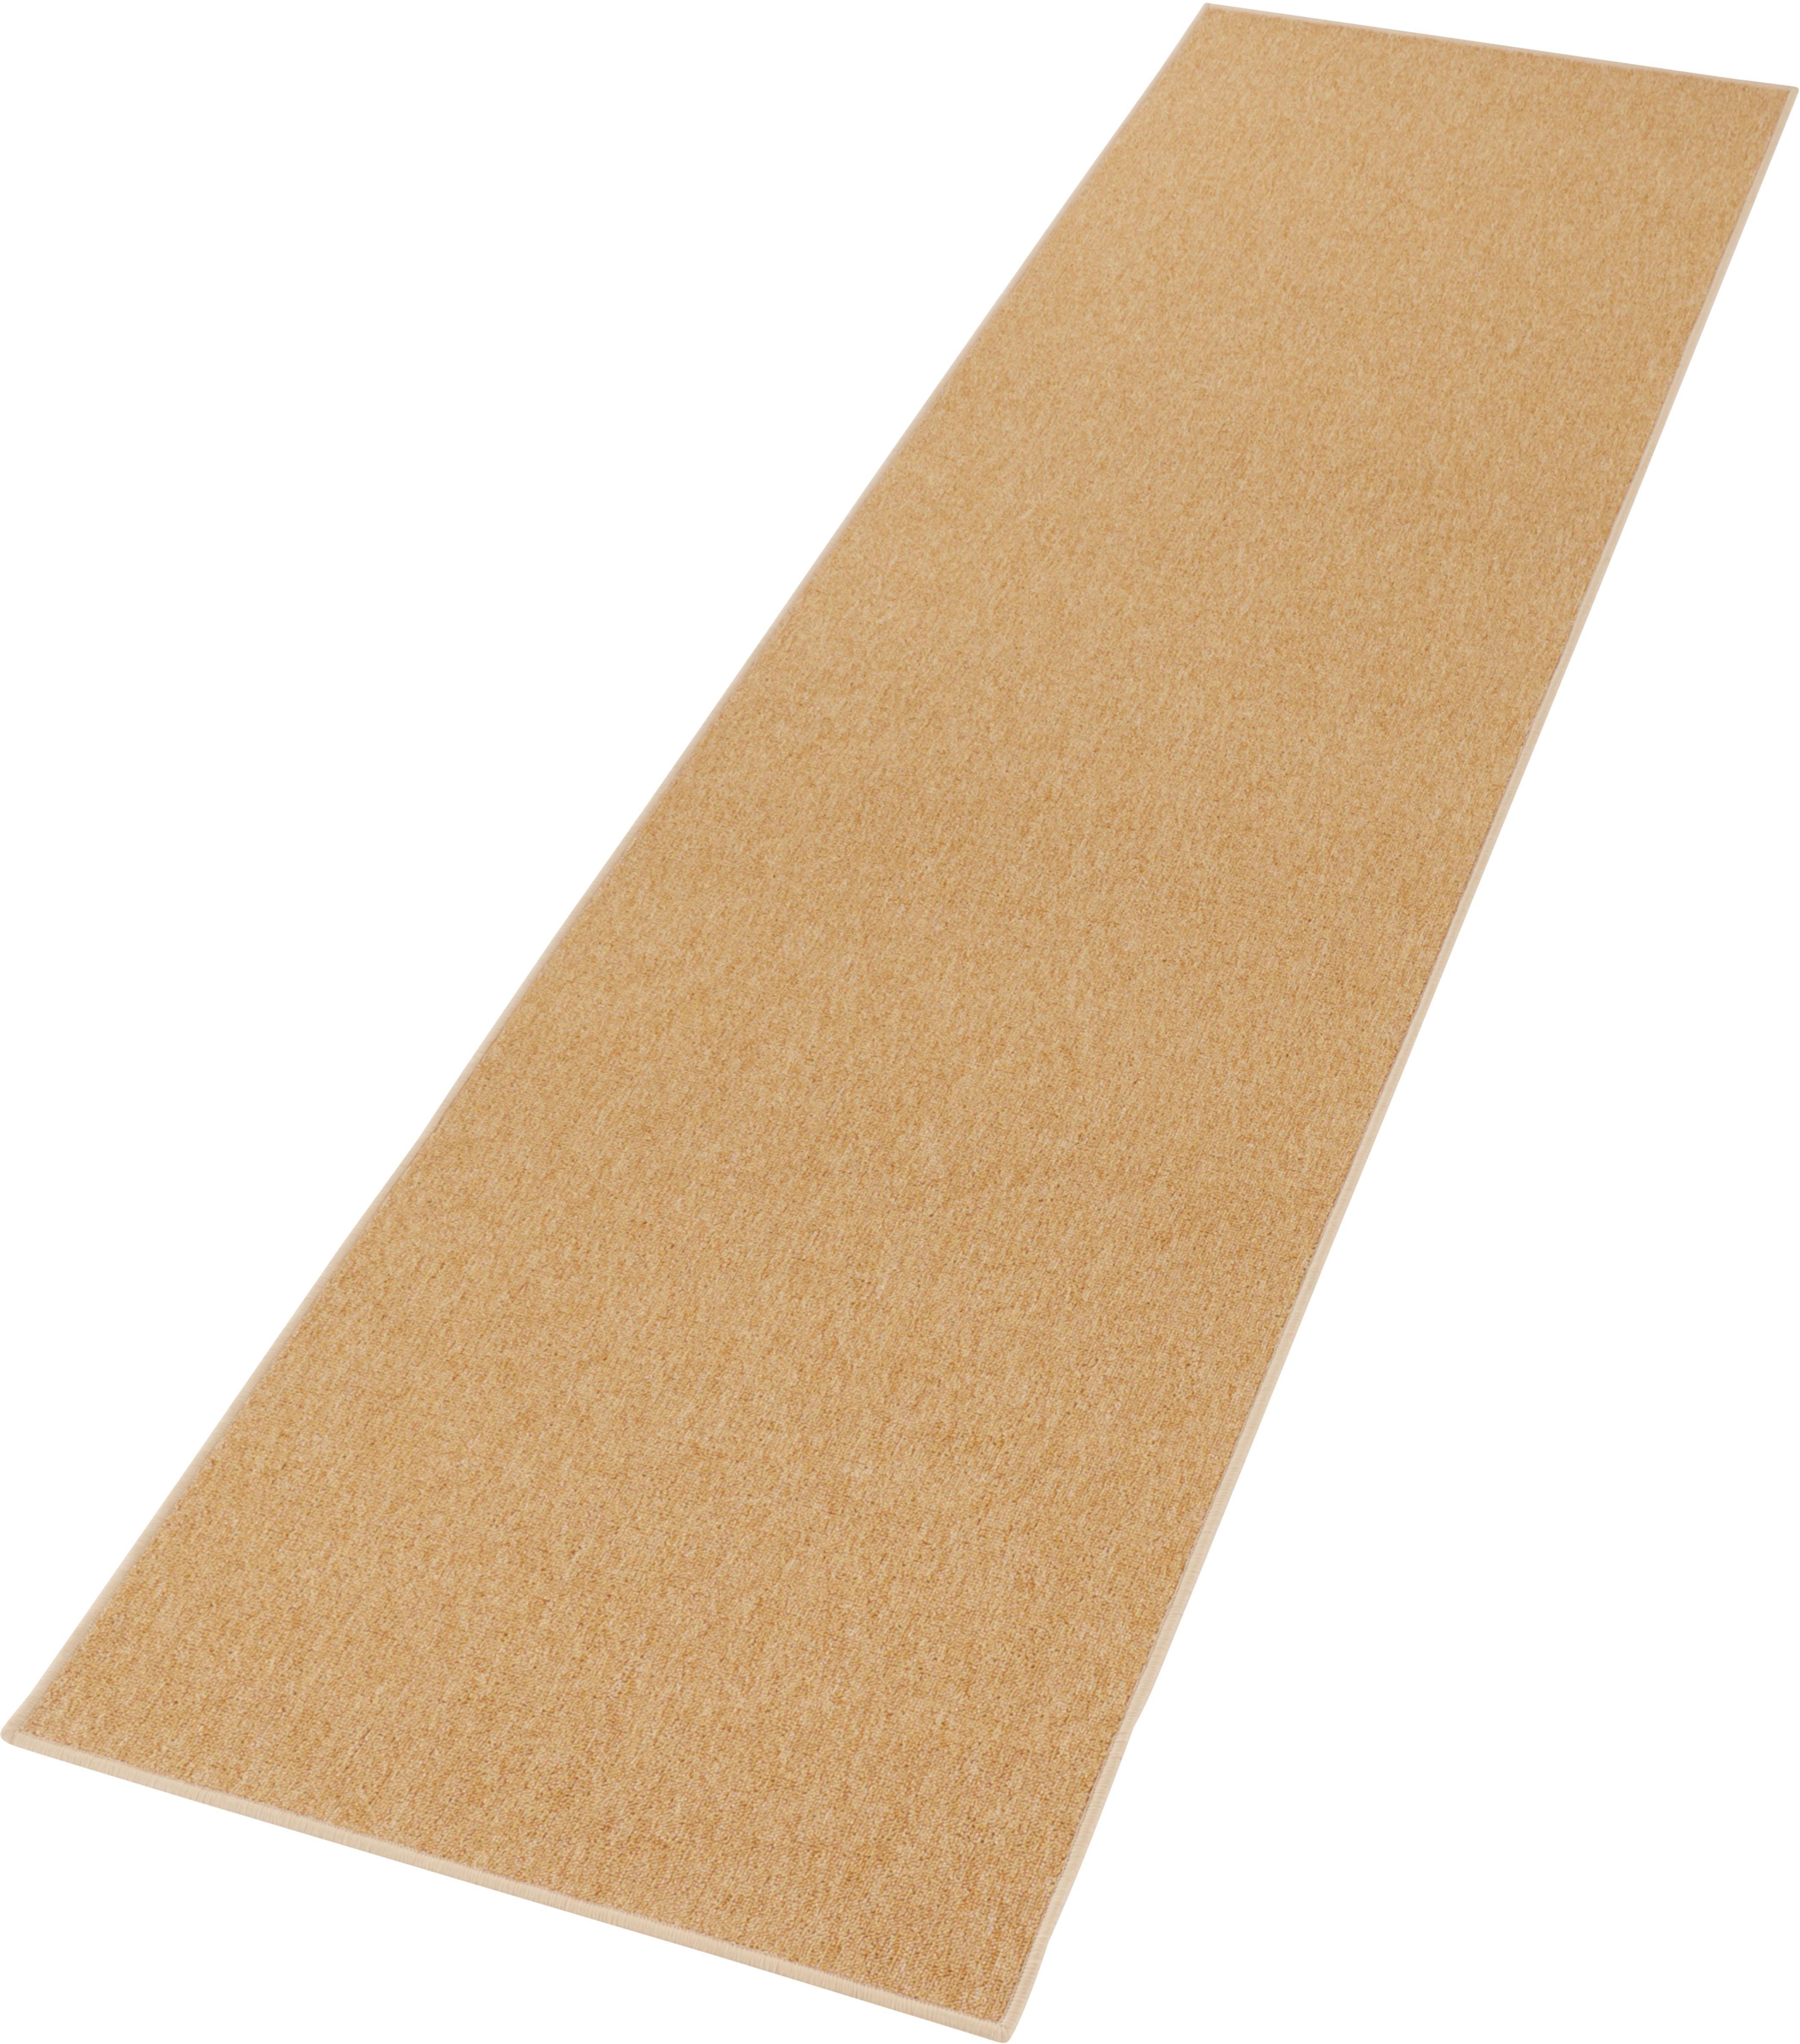 Läufer Casual BT Carpet rechteckig Höhe 4 mm maschinell getuftet